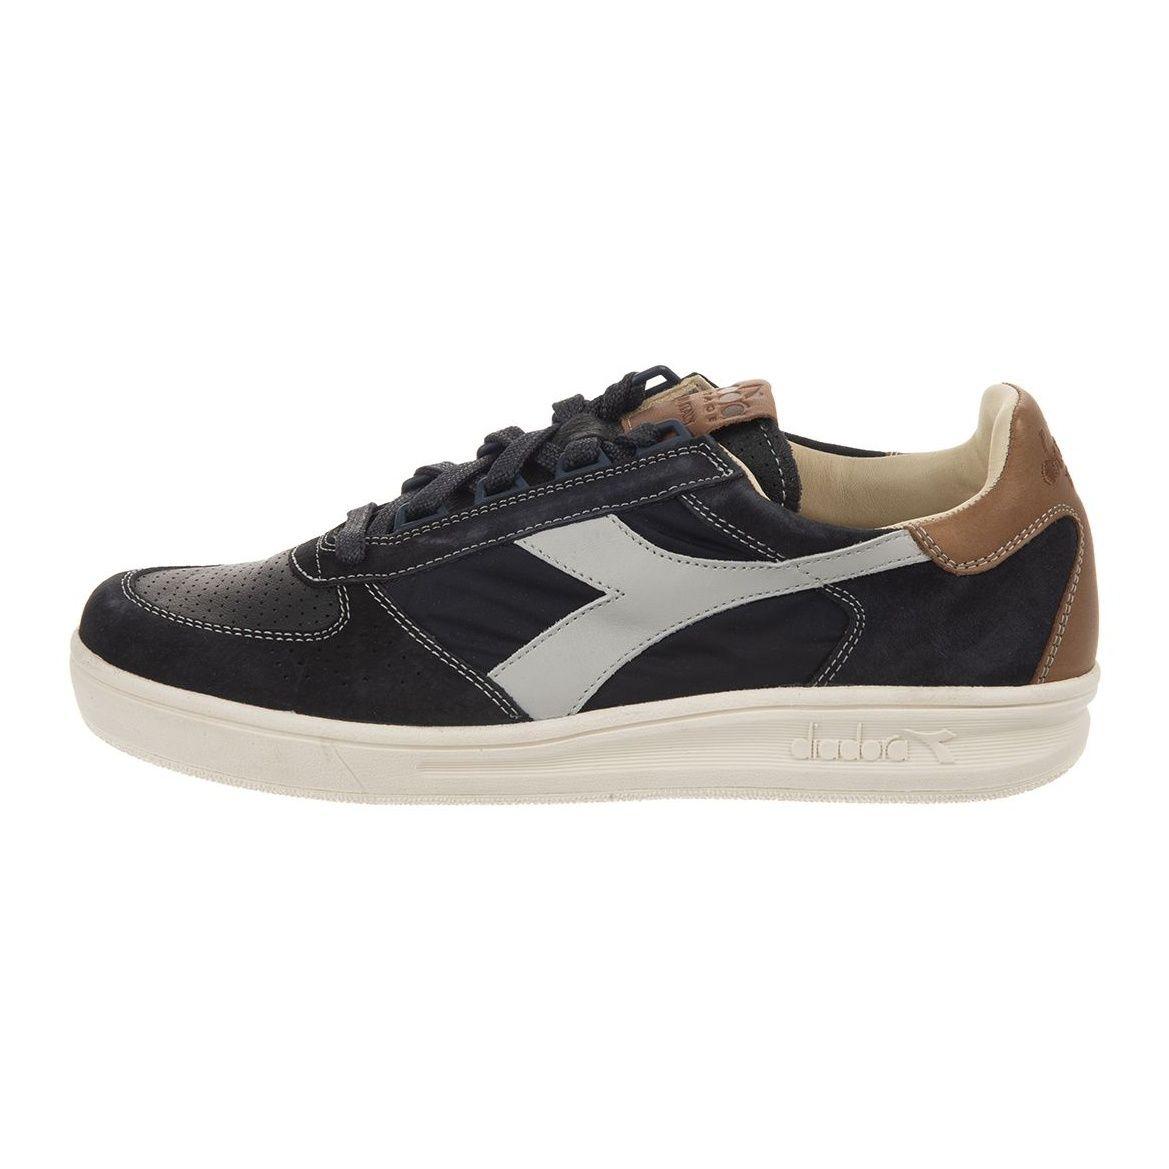 کفش مخصوص پیاده روی مردانه دیادورا کد B Elite Ita 60116